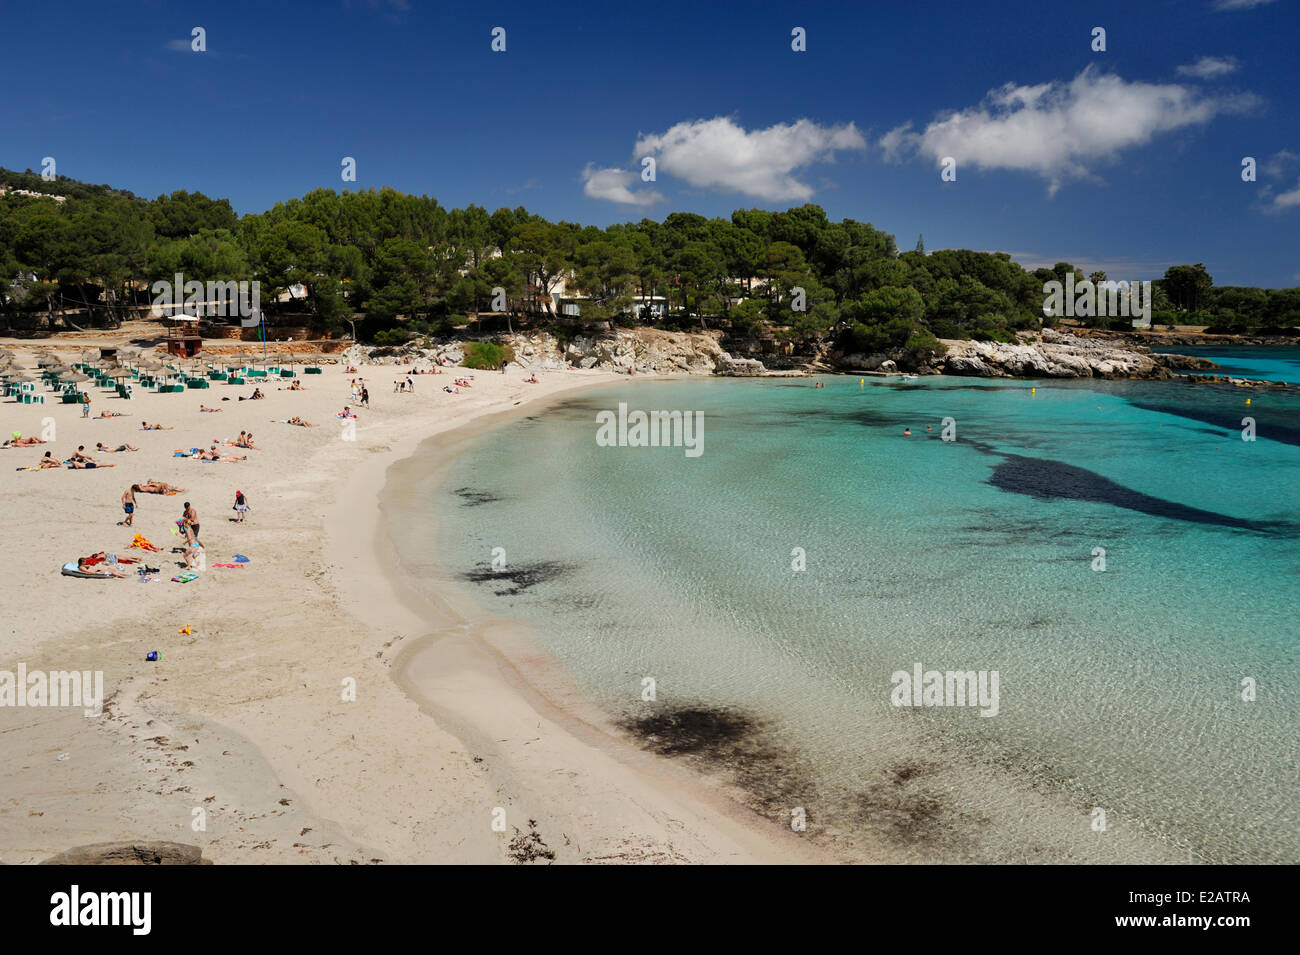 Isole Baleari Spagna Maiorca Capdepera, Sa Font de Sa Cala, spiaggia con acque chiare Immagini Stock